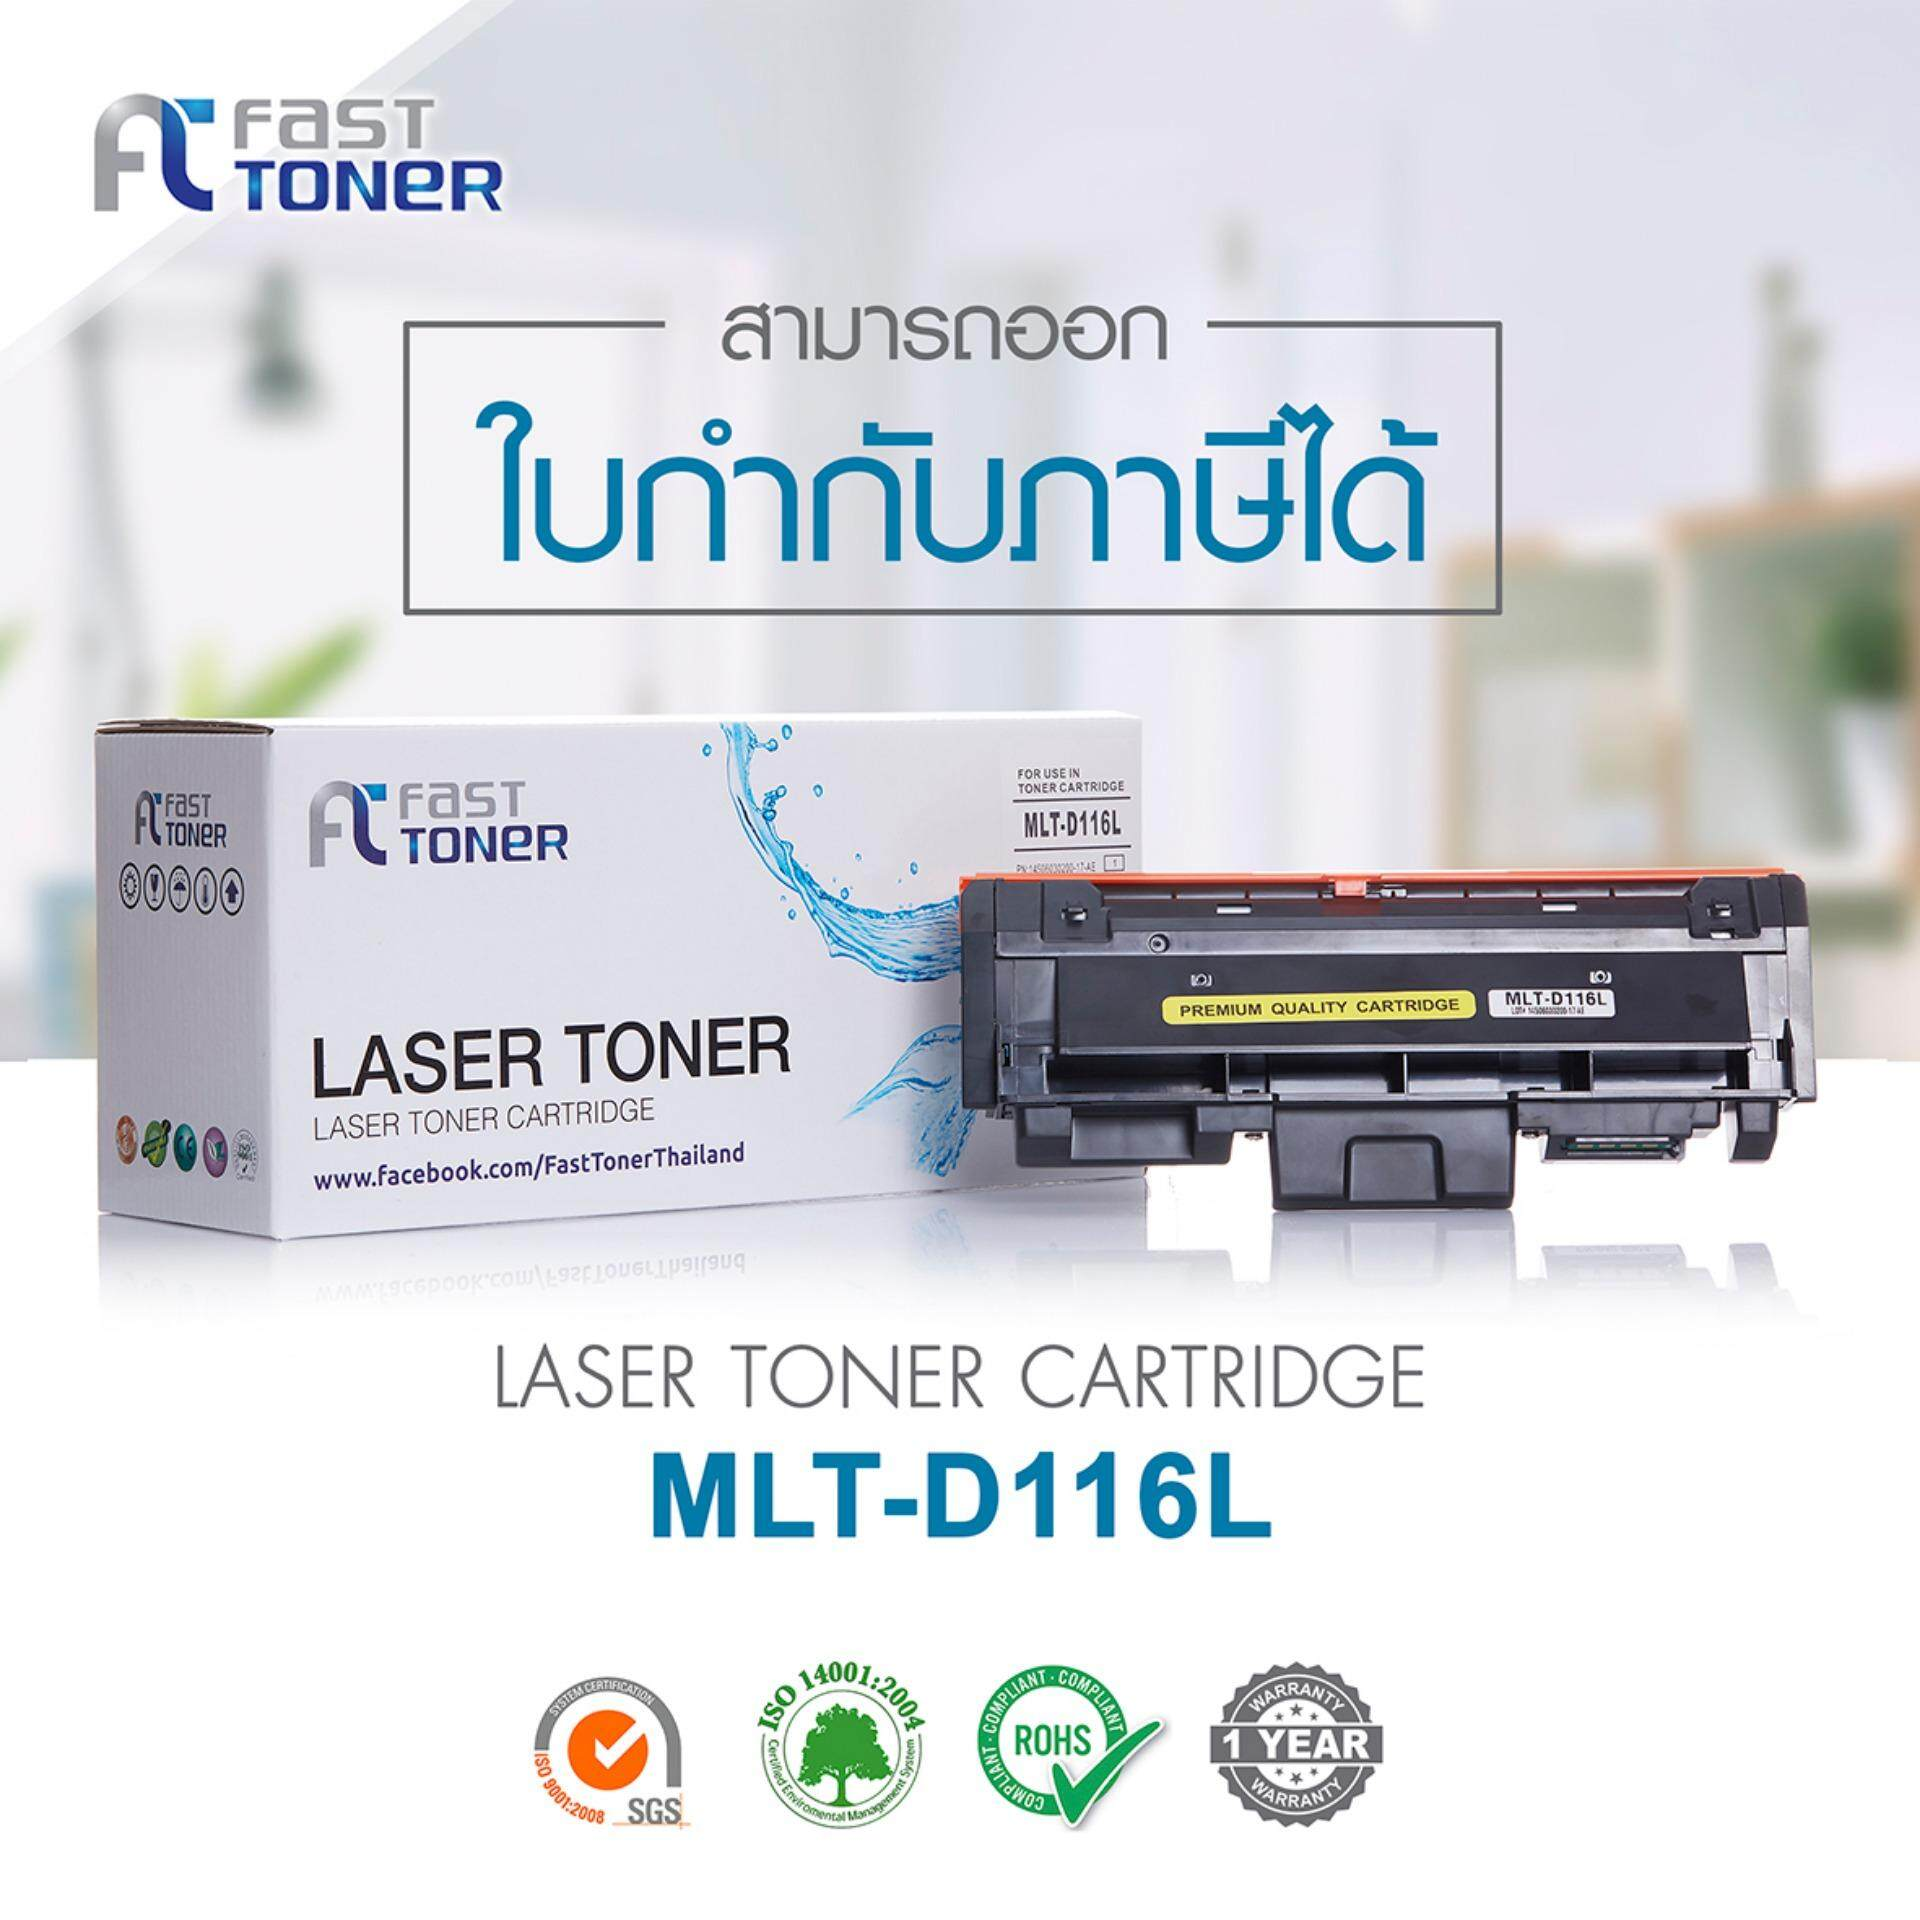 ราคา Fast Toner ตลับหมึก เทียบเท่า Laser Toner Samsung Mlt D116L ราคาถูกที่สุด